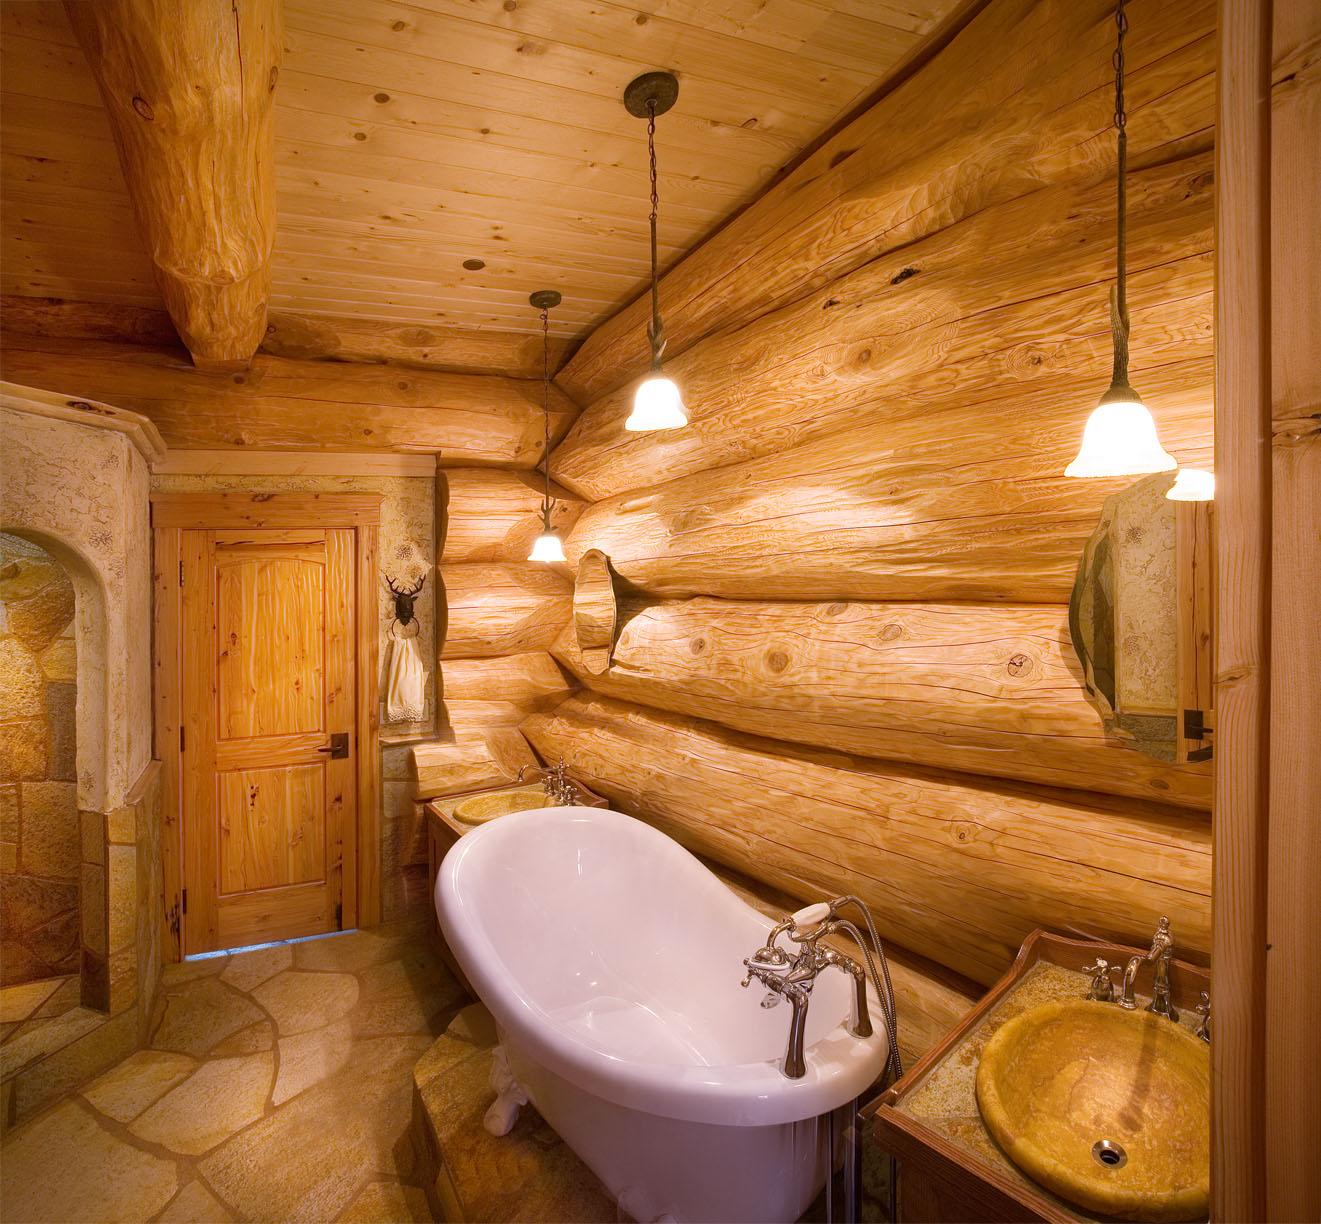 Une maison en bois de luxe dans la nature for Bois hydrofuge pour salle de bain